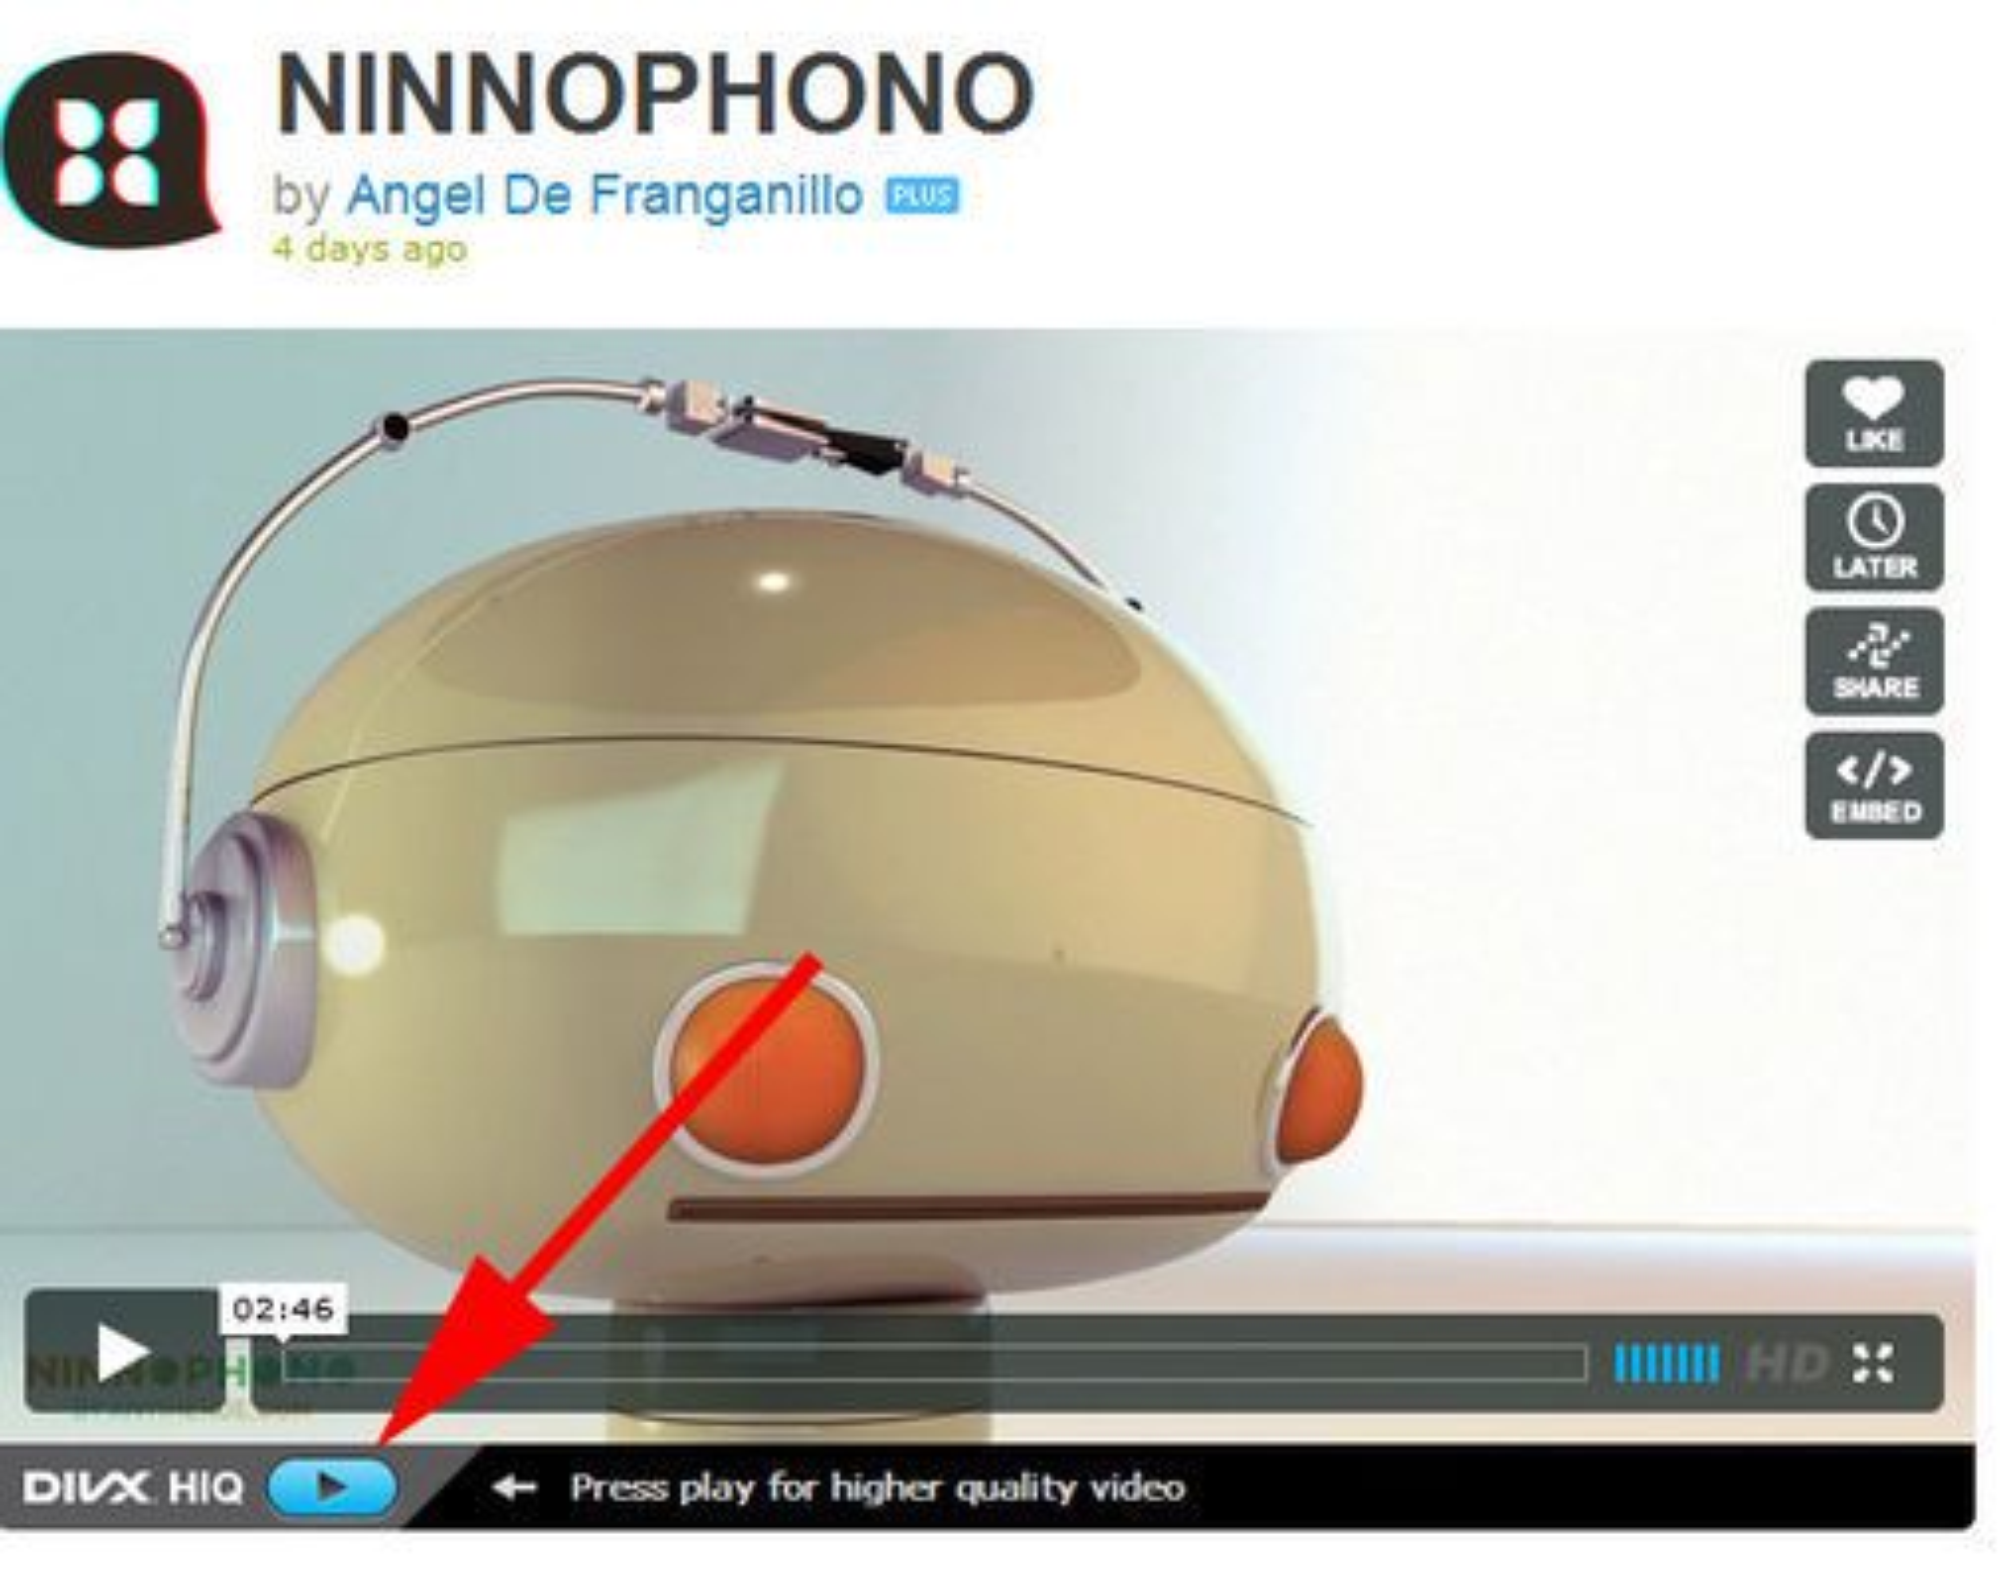 Vimeo.com-video kan spilles av med DivX HiQ.